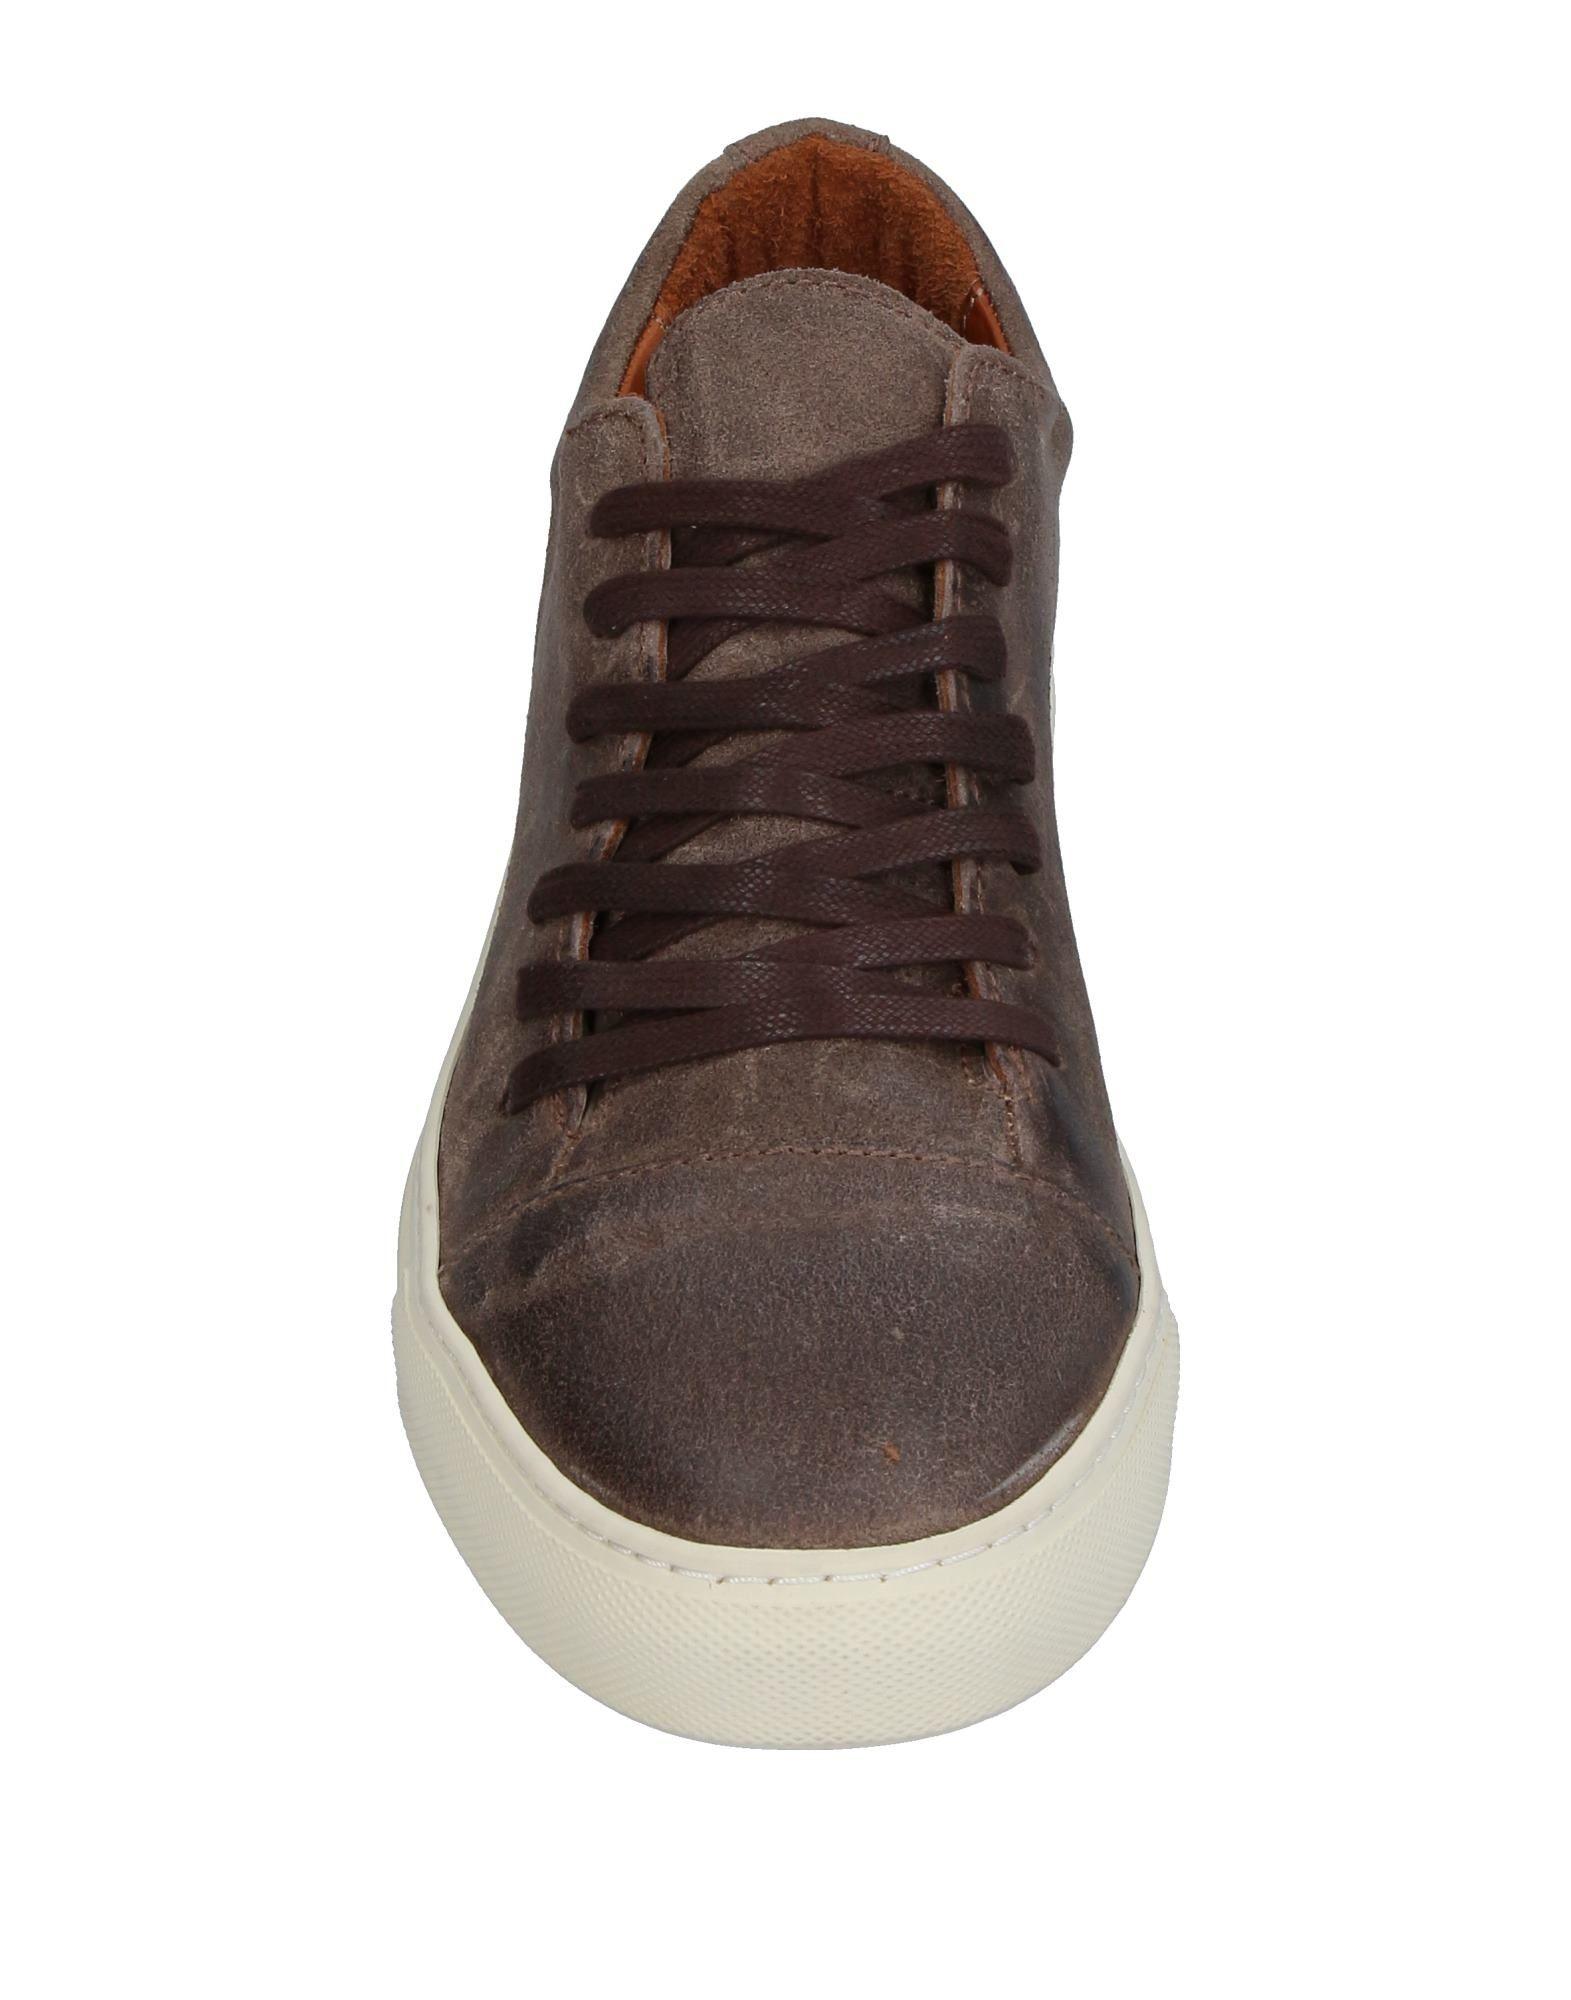 John Varvatos Sneakers Neue Herren  11283626LH Neue Sneakers Schuhe 55c982